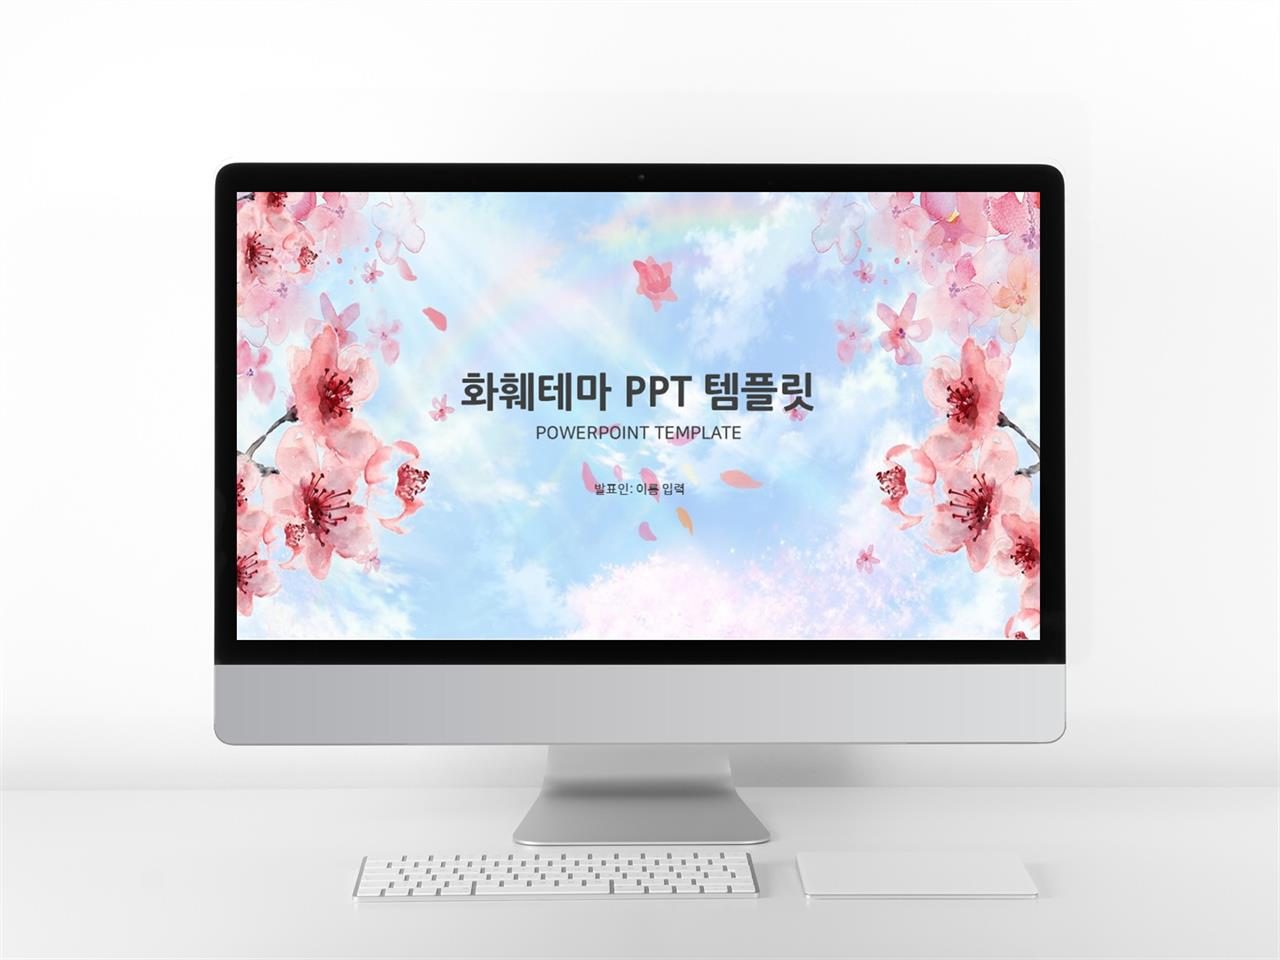 꽃과 동식물 주제 핑크색 깜찍한 발표용 PPT탬플릿 다운 미리보기